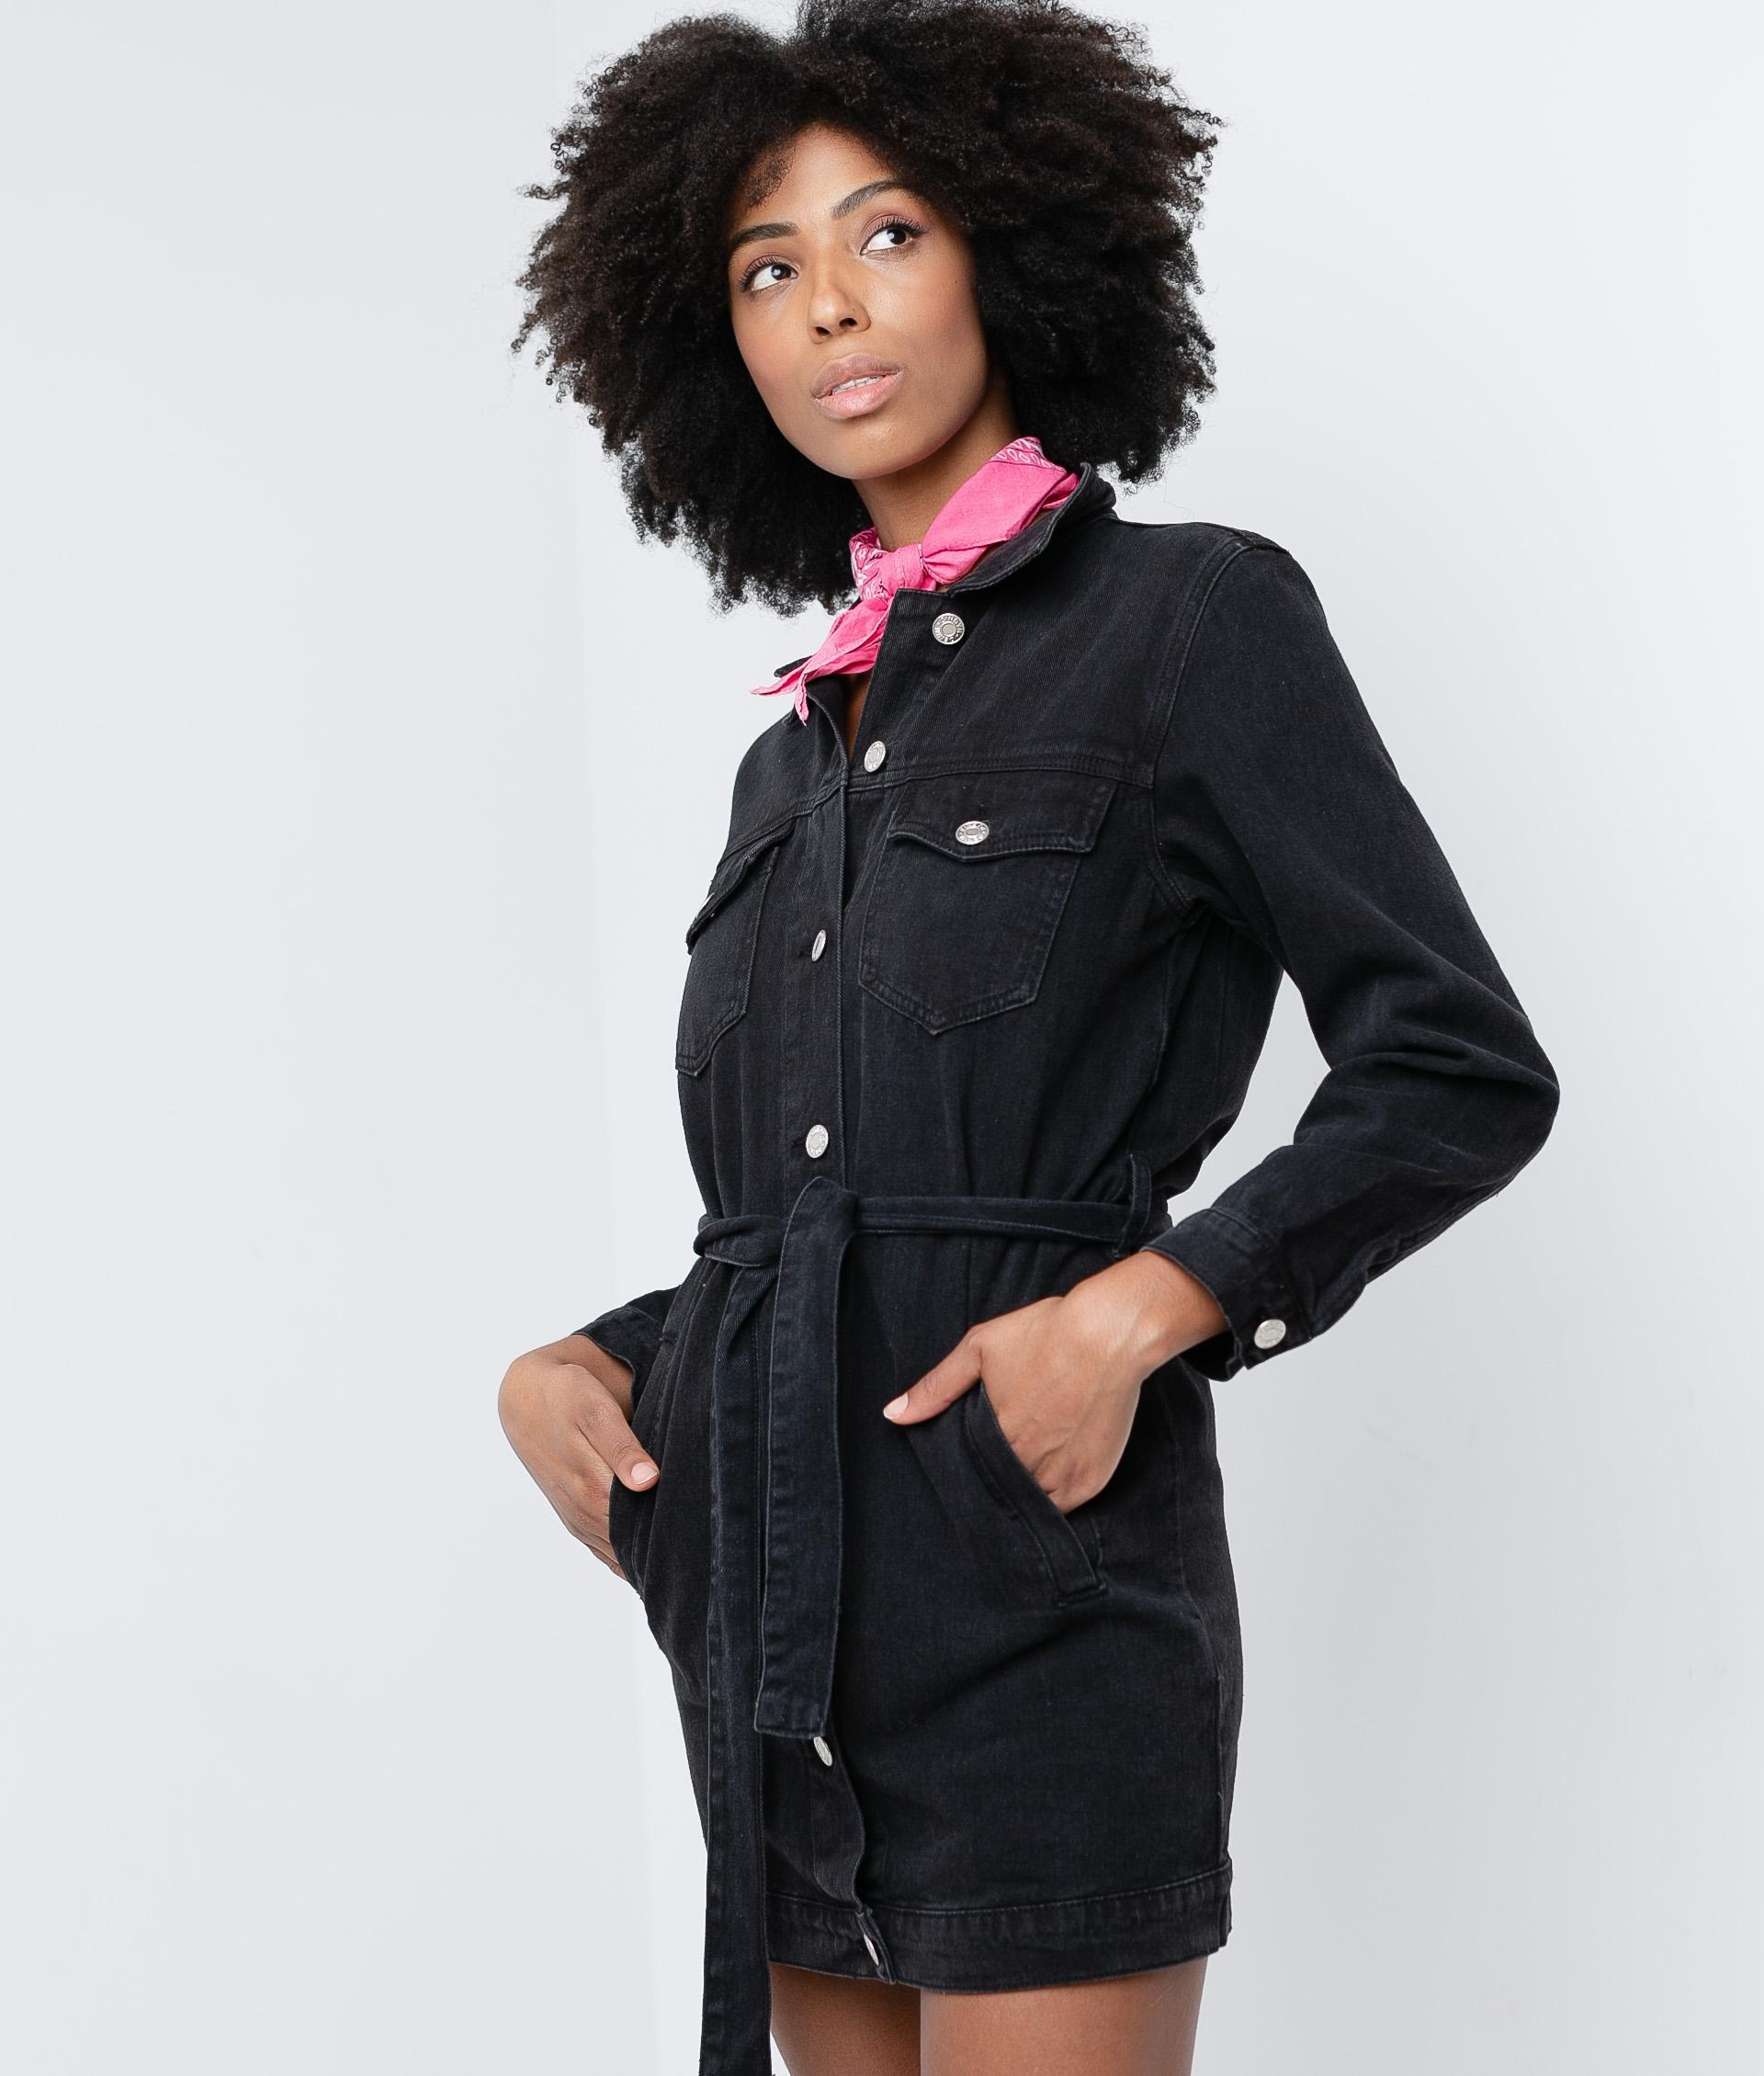 PANGOLI DRESS - BLACK